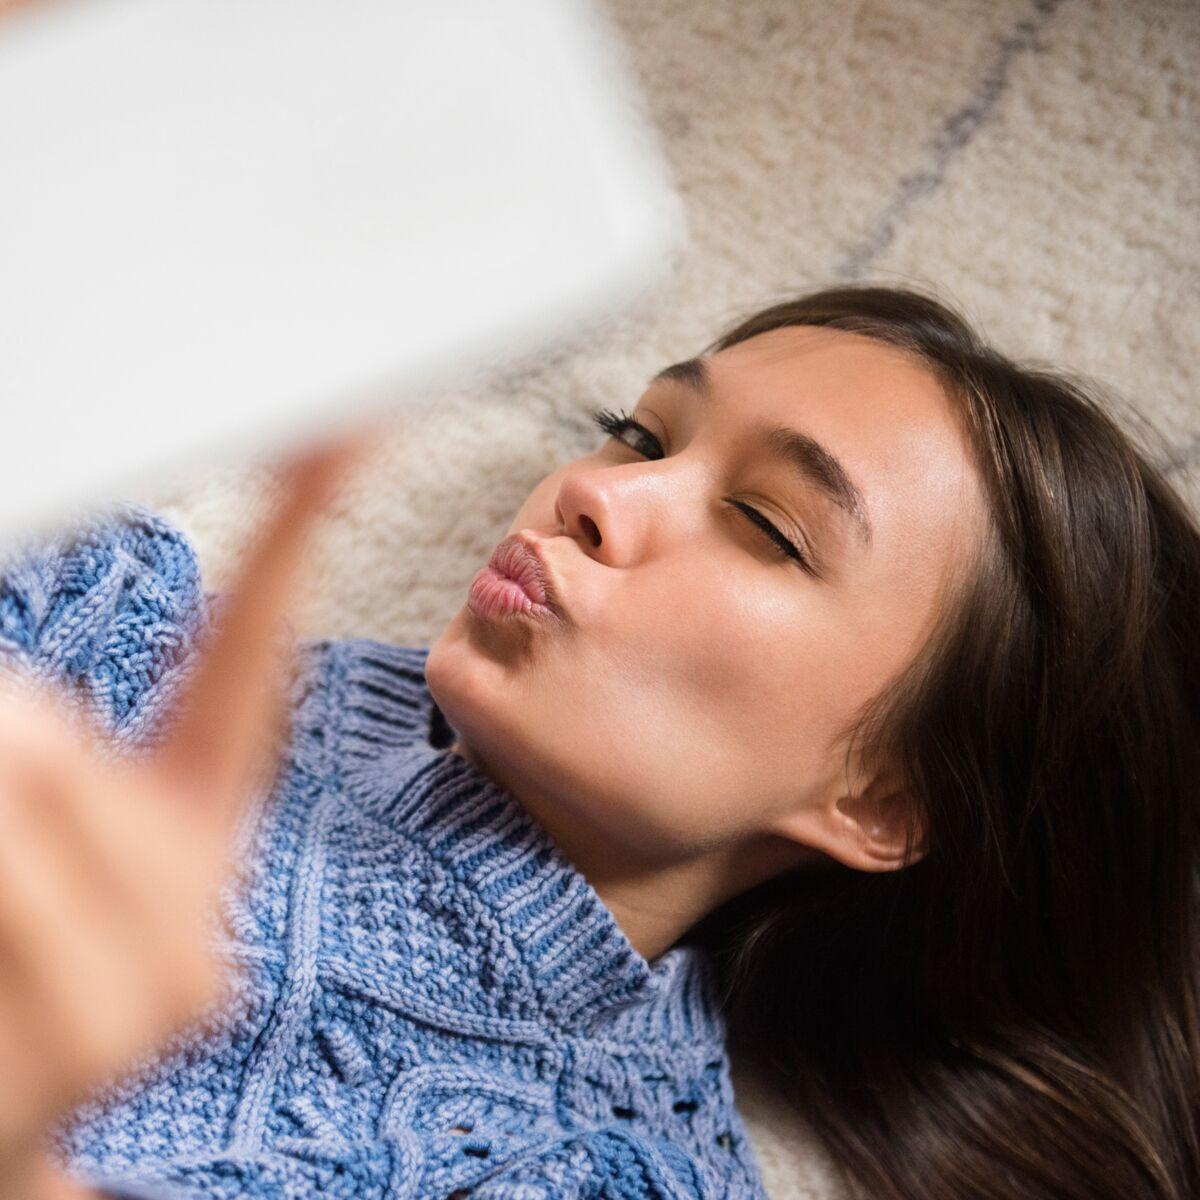 5 Cles Pour Reussir Sa Photo De Profil Facebook Femme Actuelle Le Mag